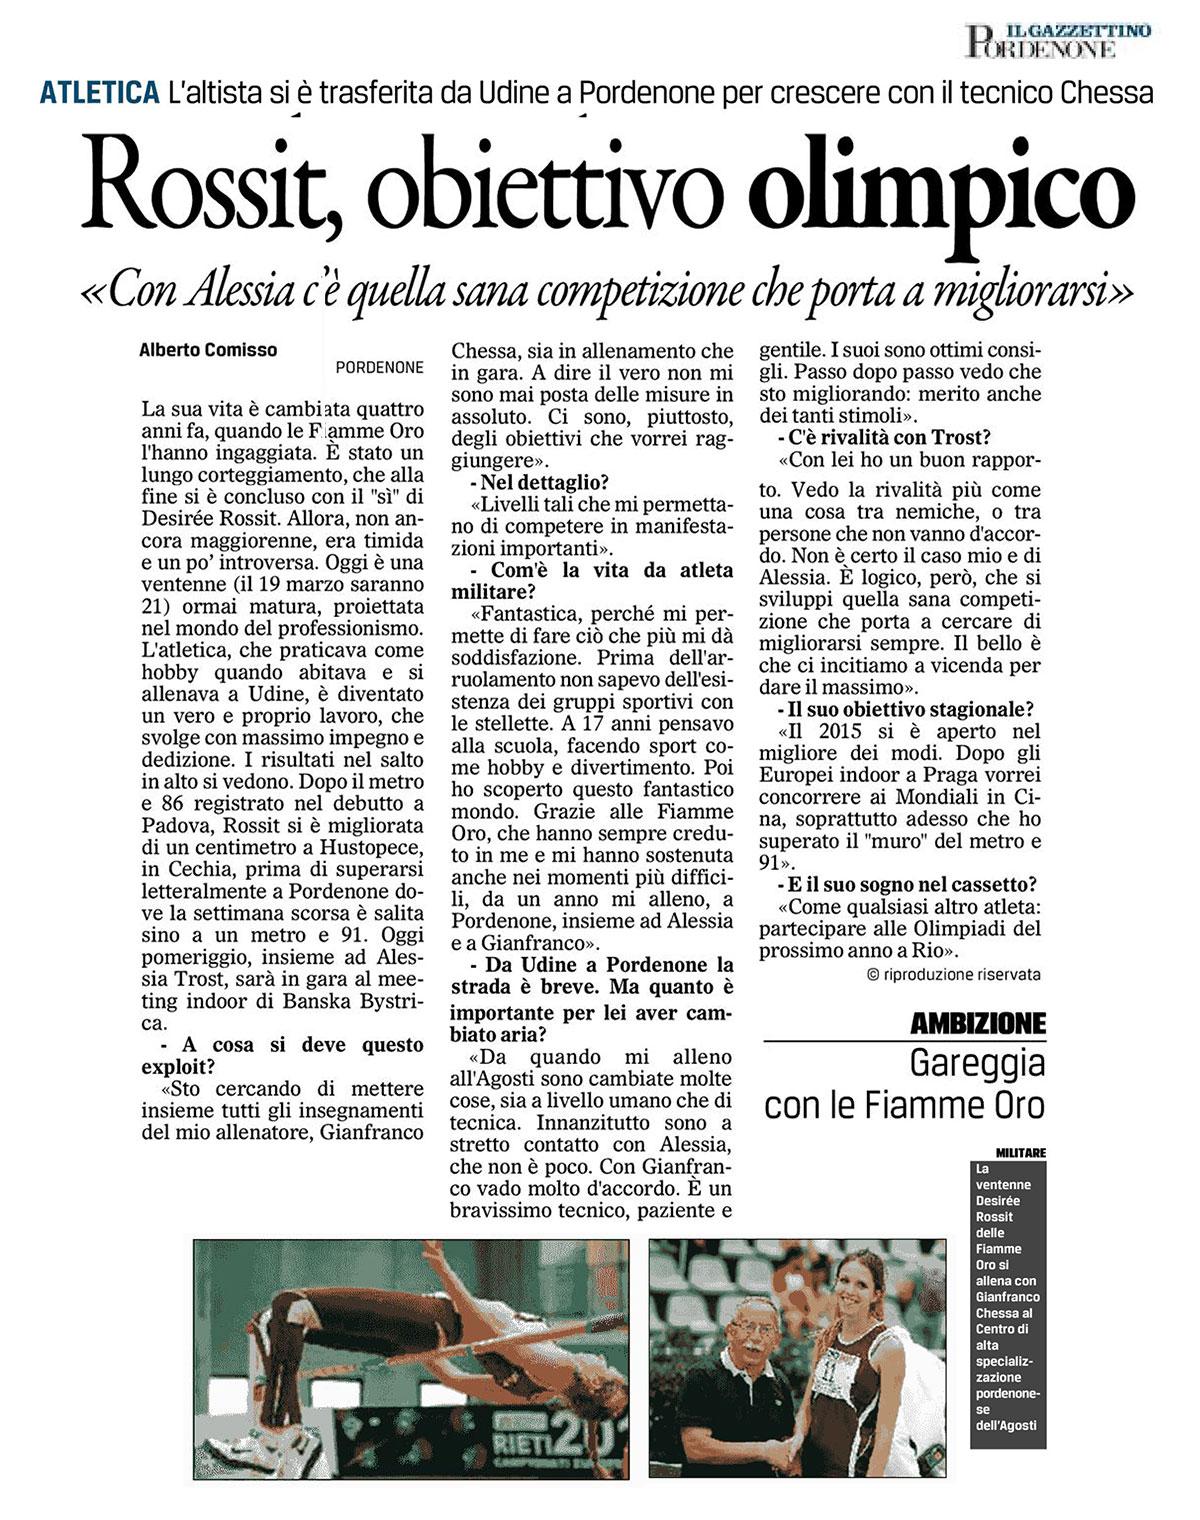 Gazzettino Pordenone 04 02 15 - Fiamme Oro Atletica